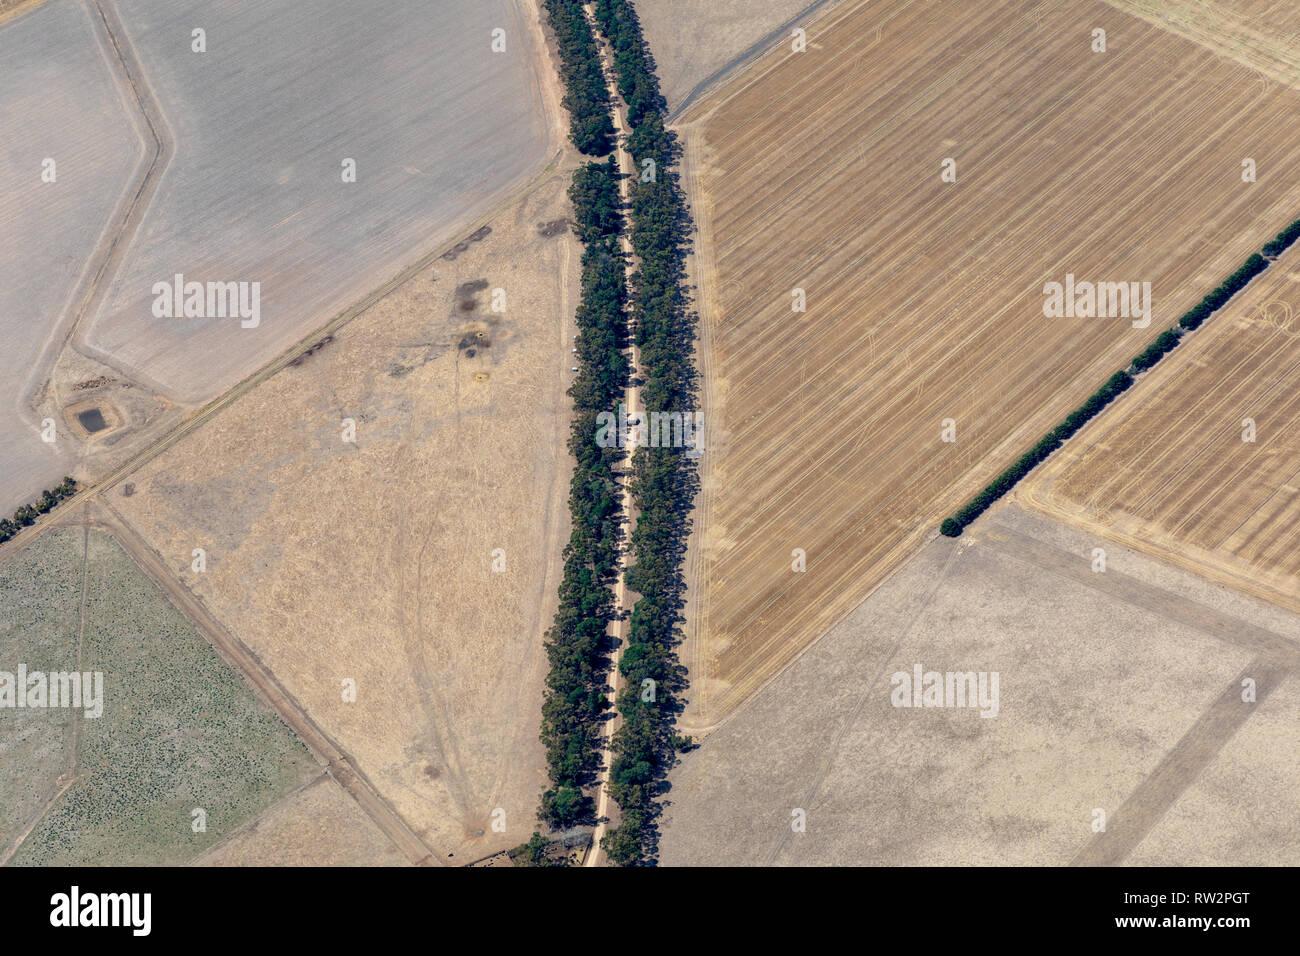 Luftaufnahmen der viktorianischen Landschaft und Betriebe während der Dürre Stockfoto